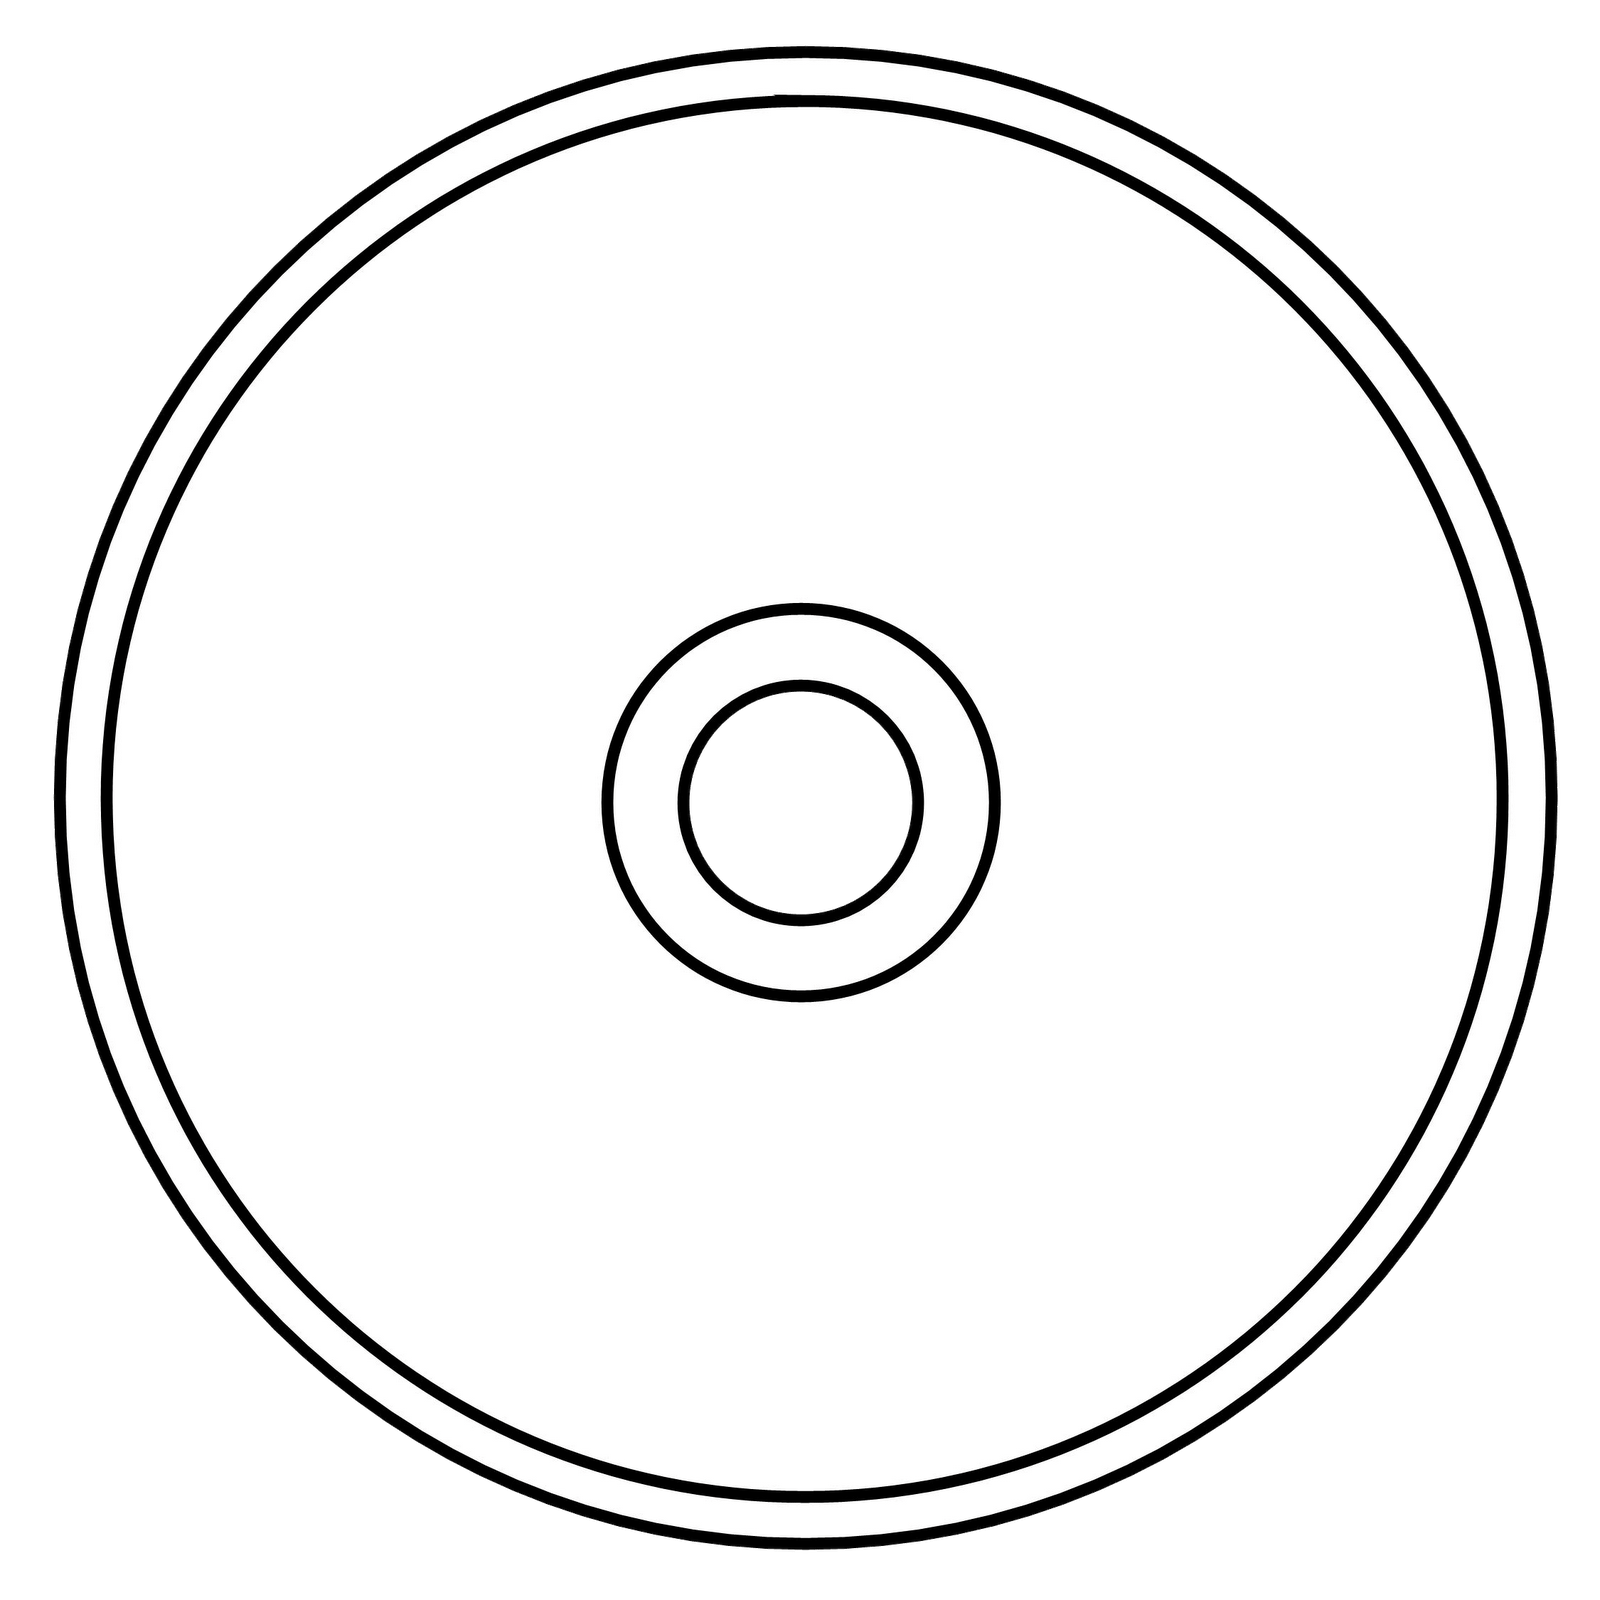 Cd Clip Art